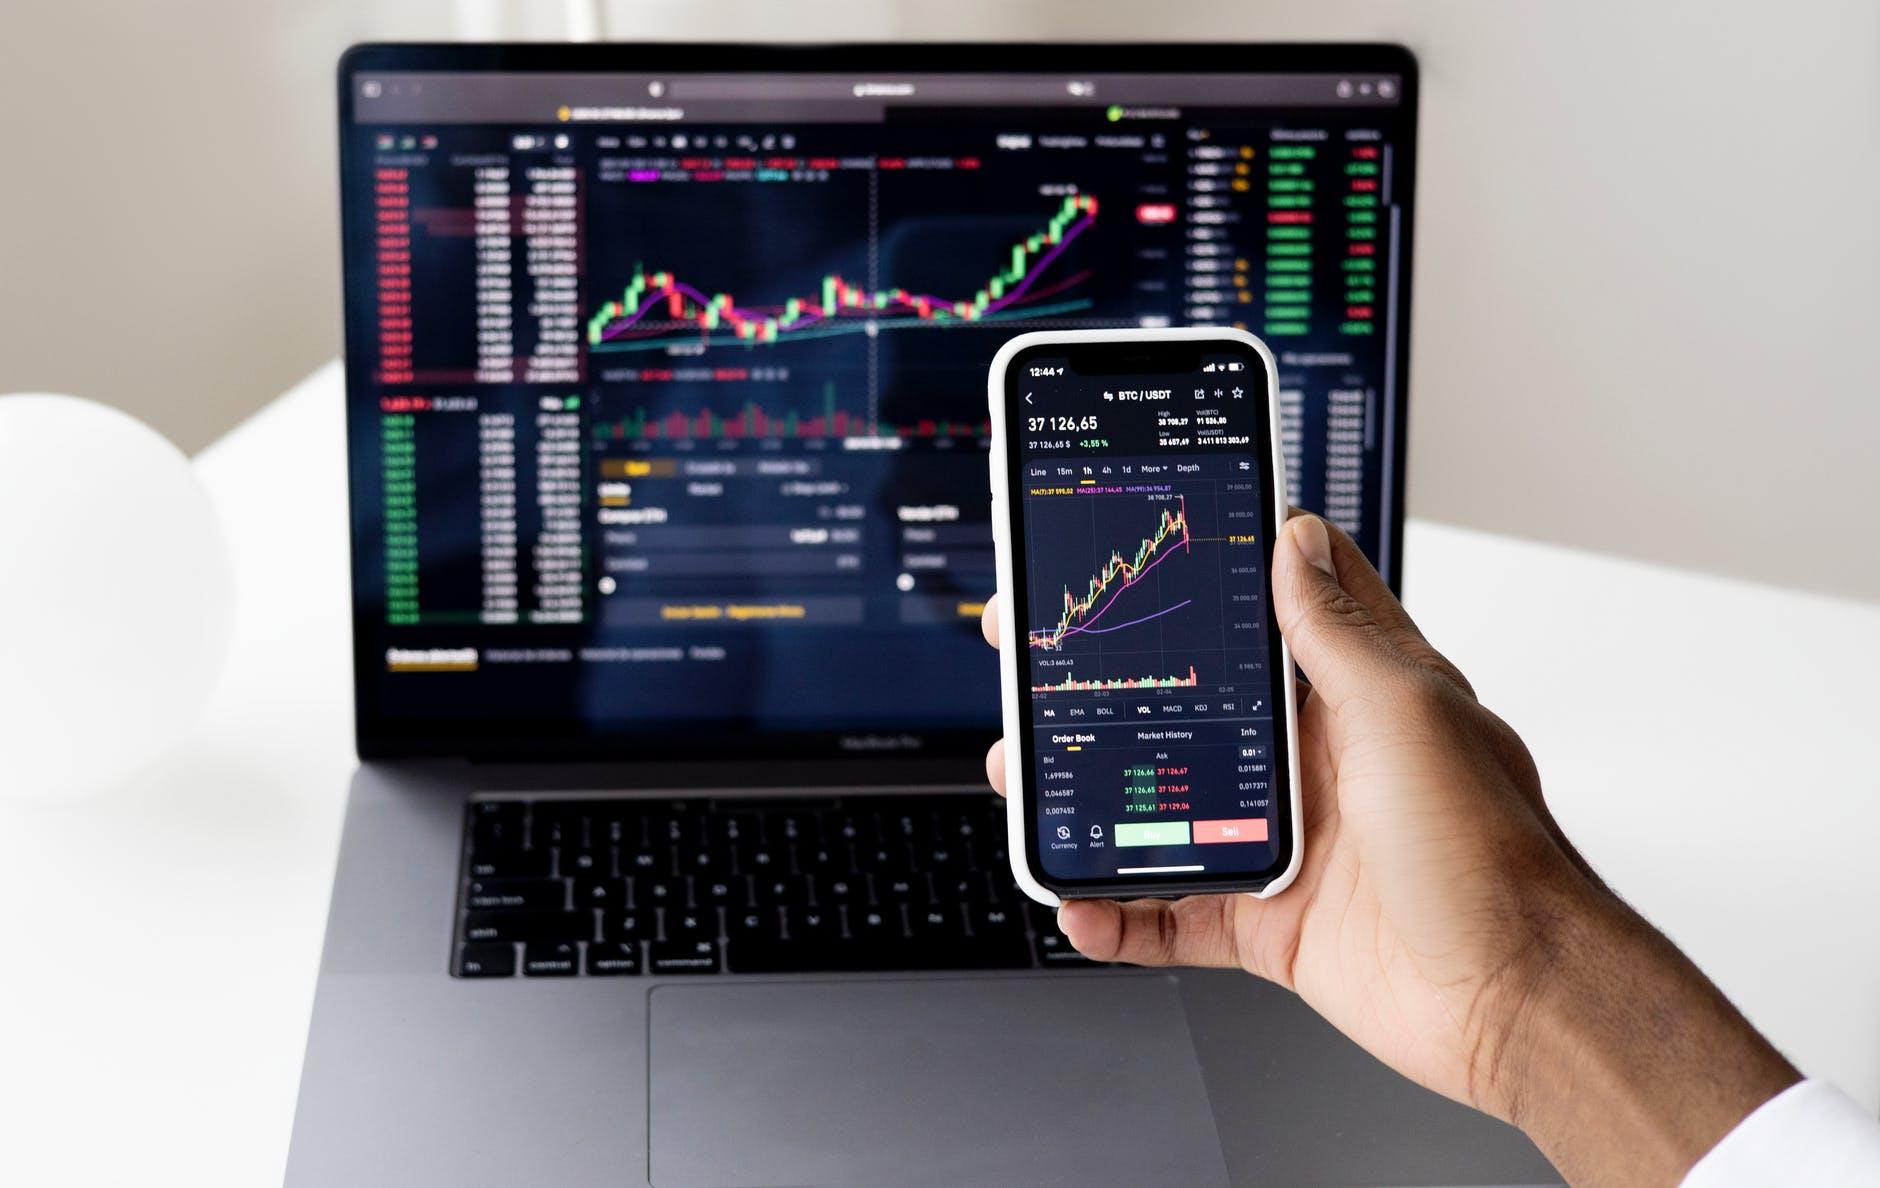 Ini cara membeli saham bagi pemula dan modal yang diperlukan 2021.